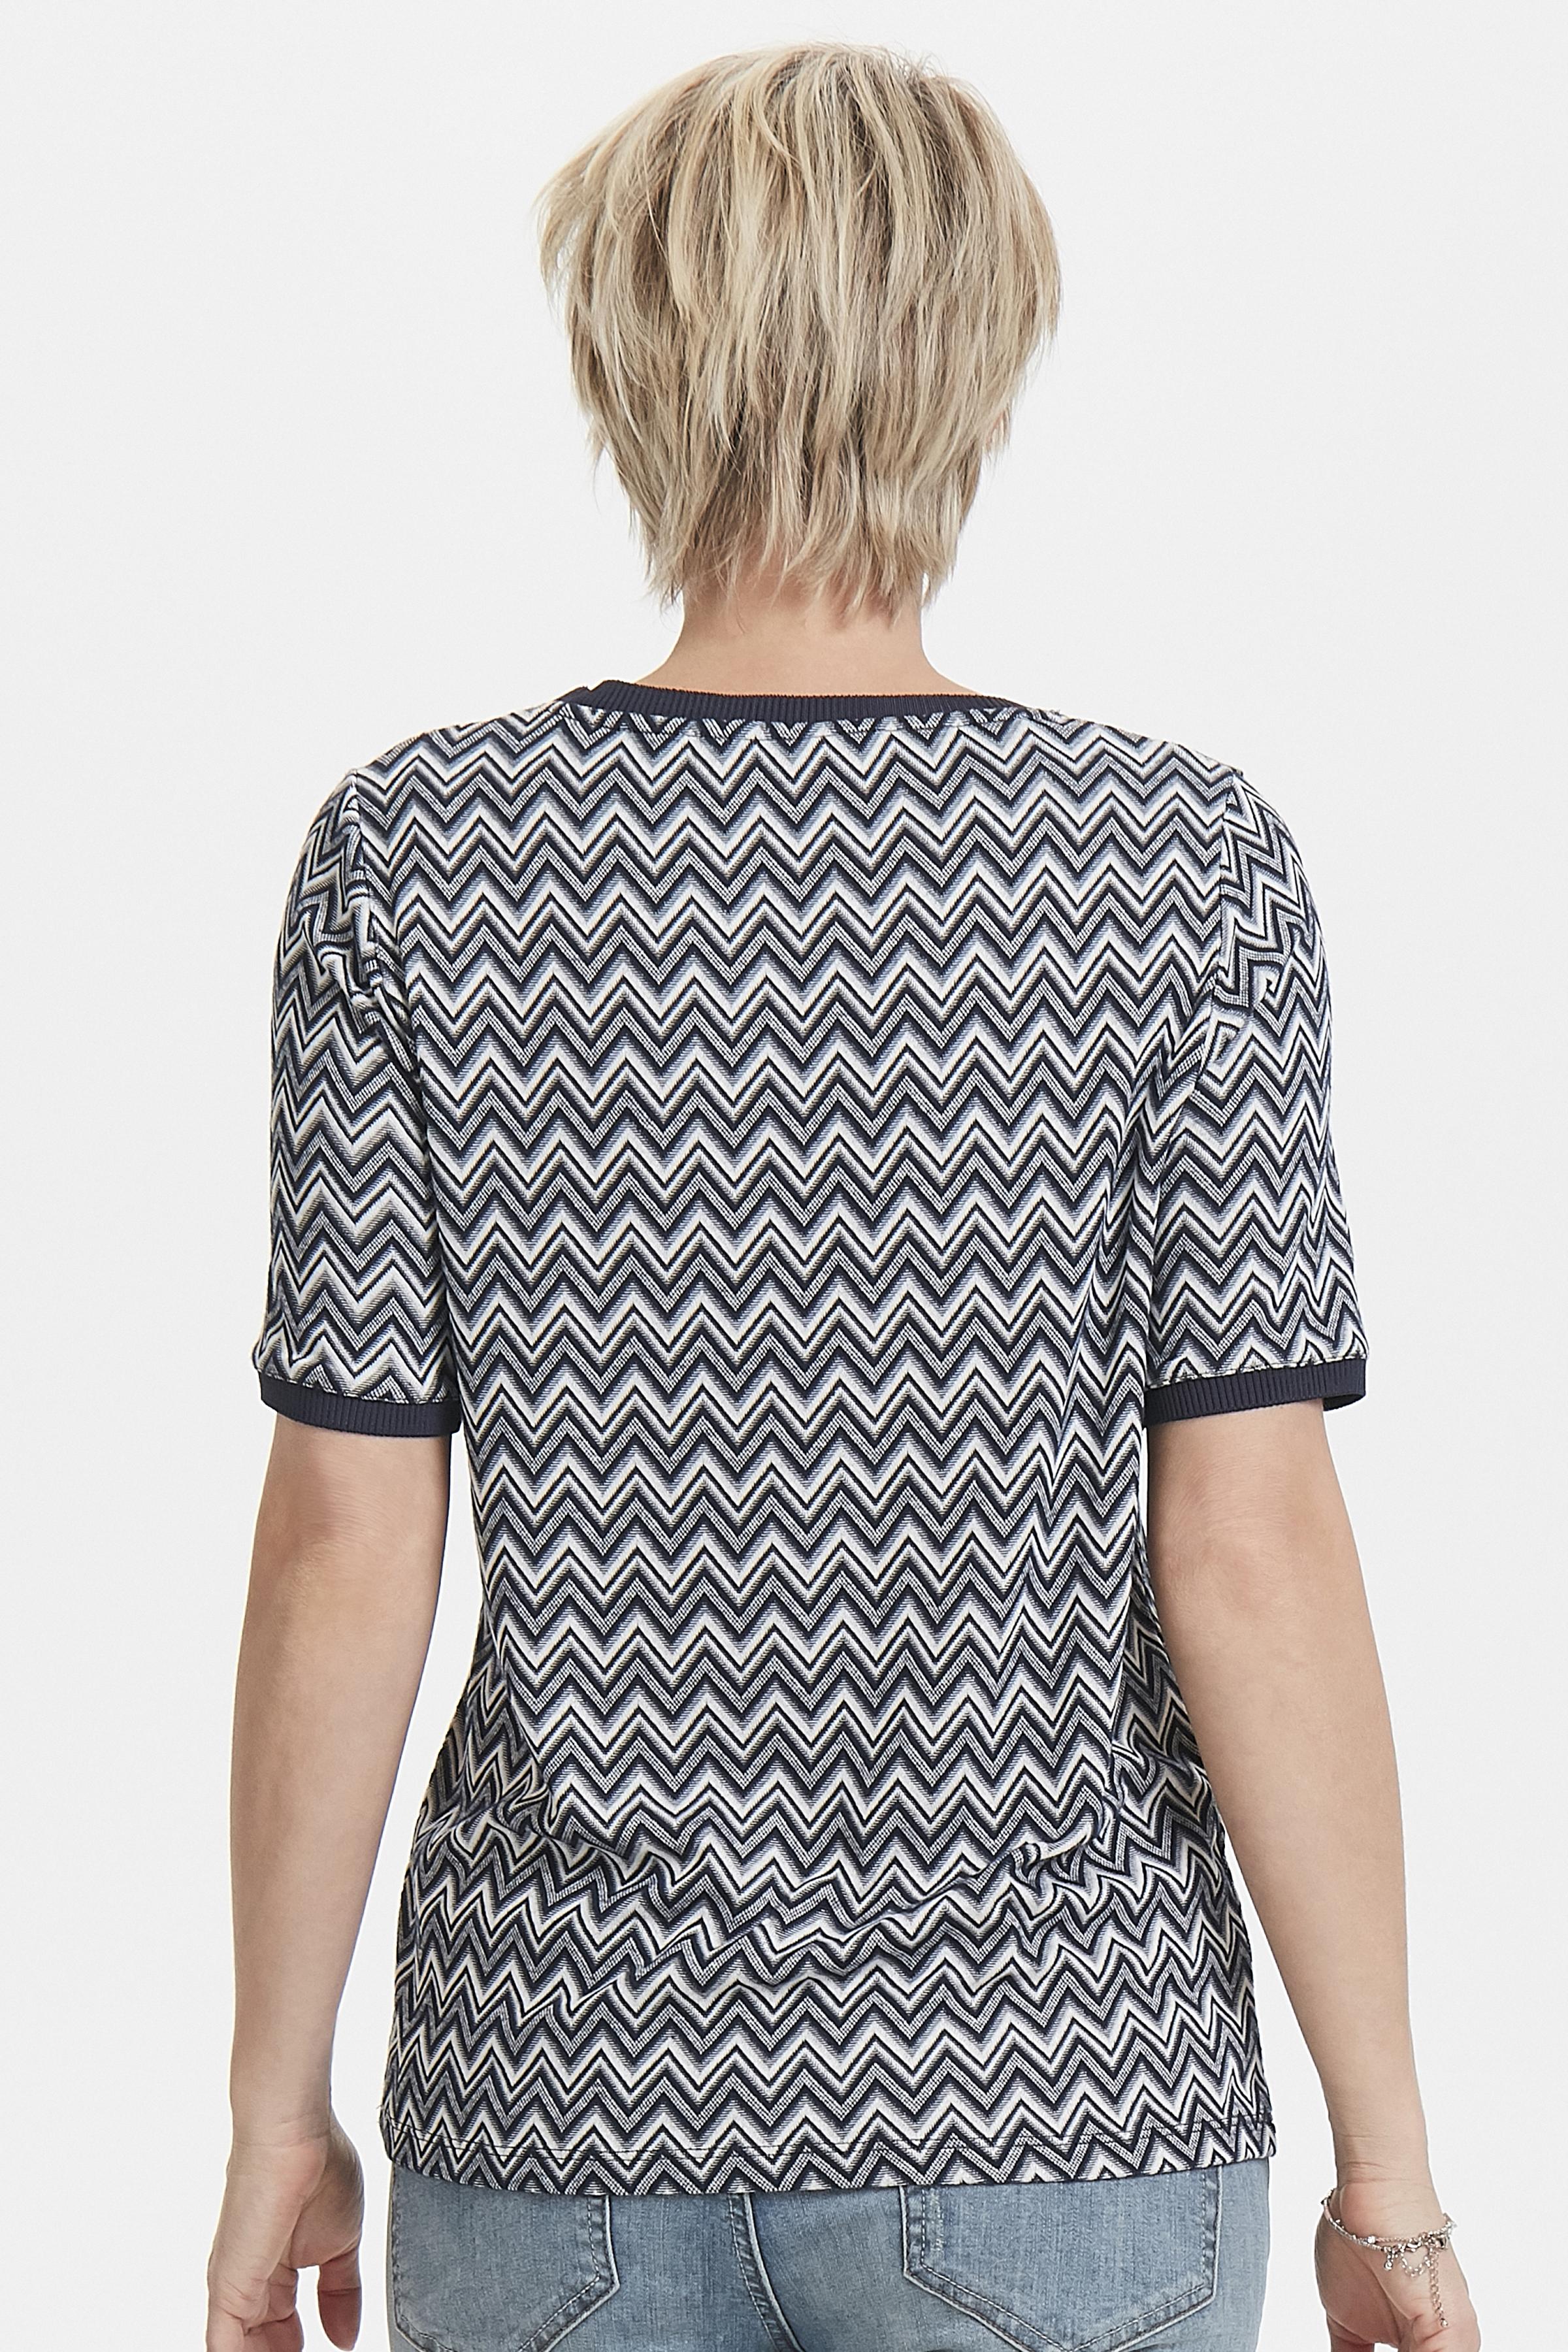 Marineblau/wollweiß Kurzarm-Bluse  von Bon'A Parte – Shoppen Sie Marineblau/wollweiß Kurzarm-Bluse  ab Gr. S-2XL hier